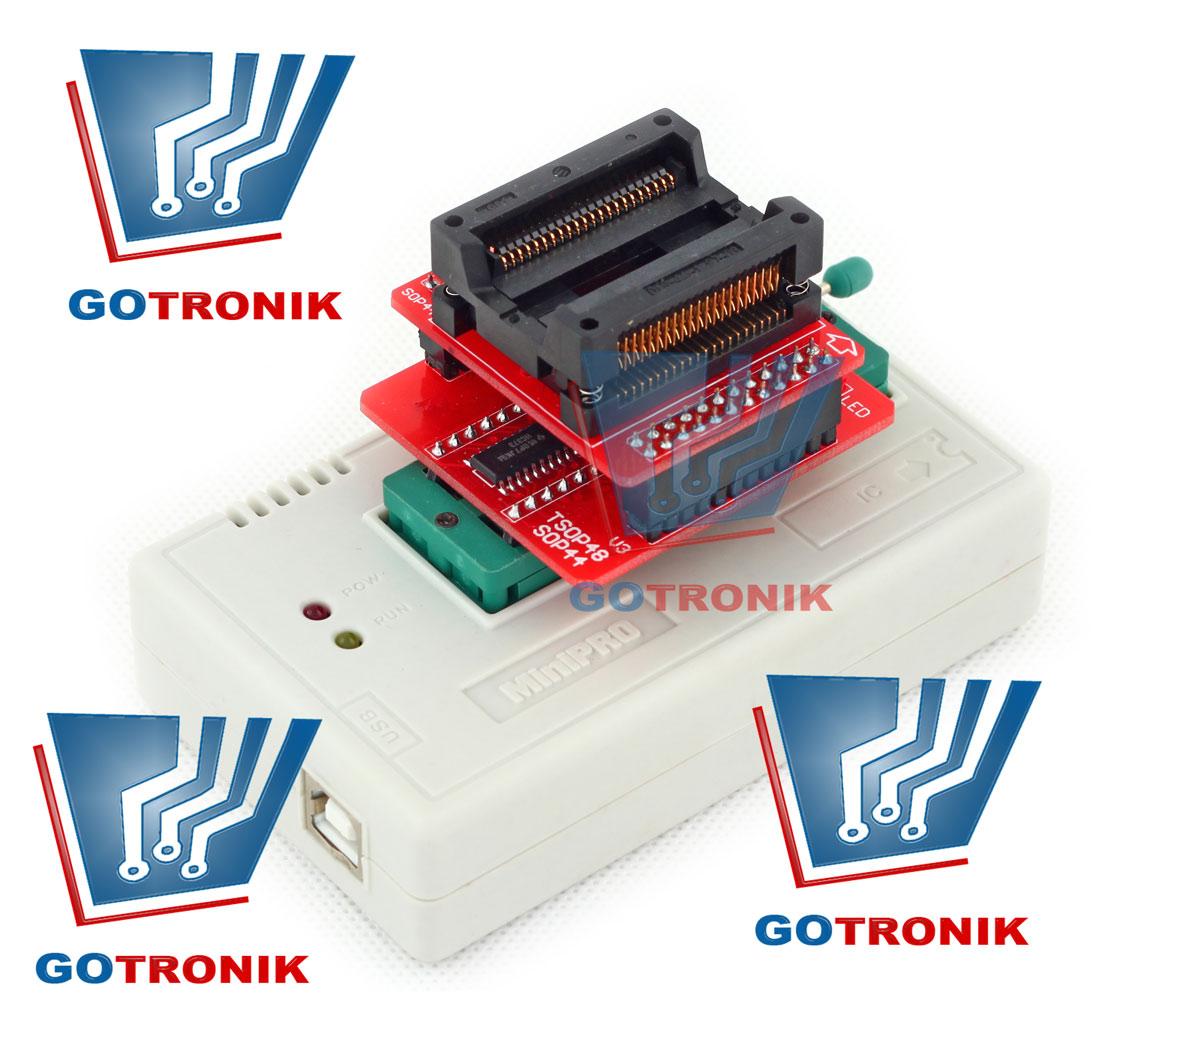 Przykładowe umieszczenie adaptera SN:004 + SN:001 w podstawce programatora TL866: